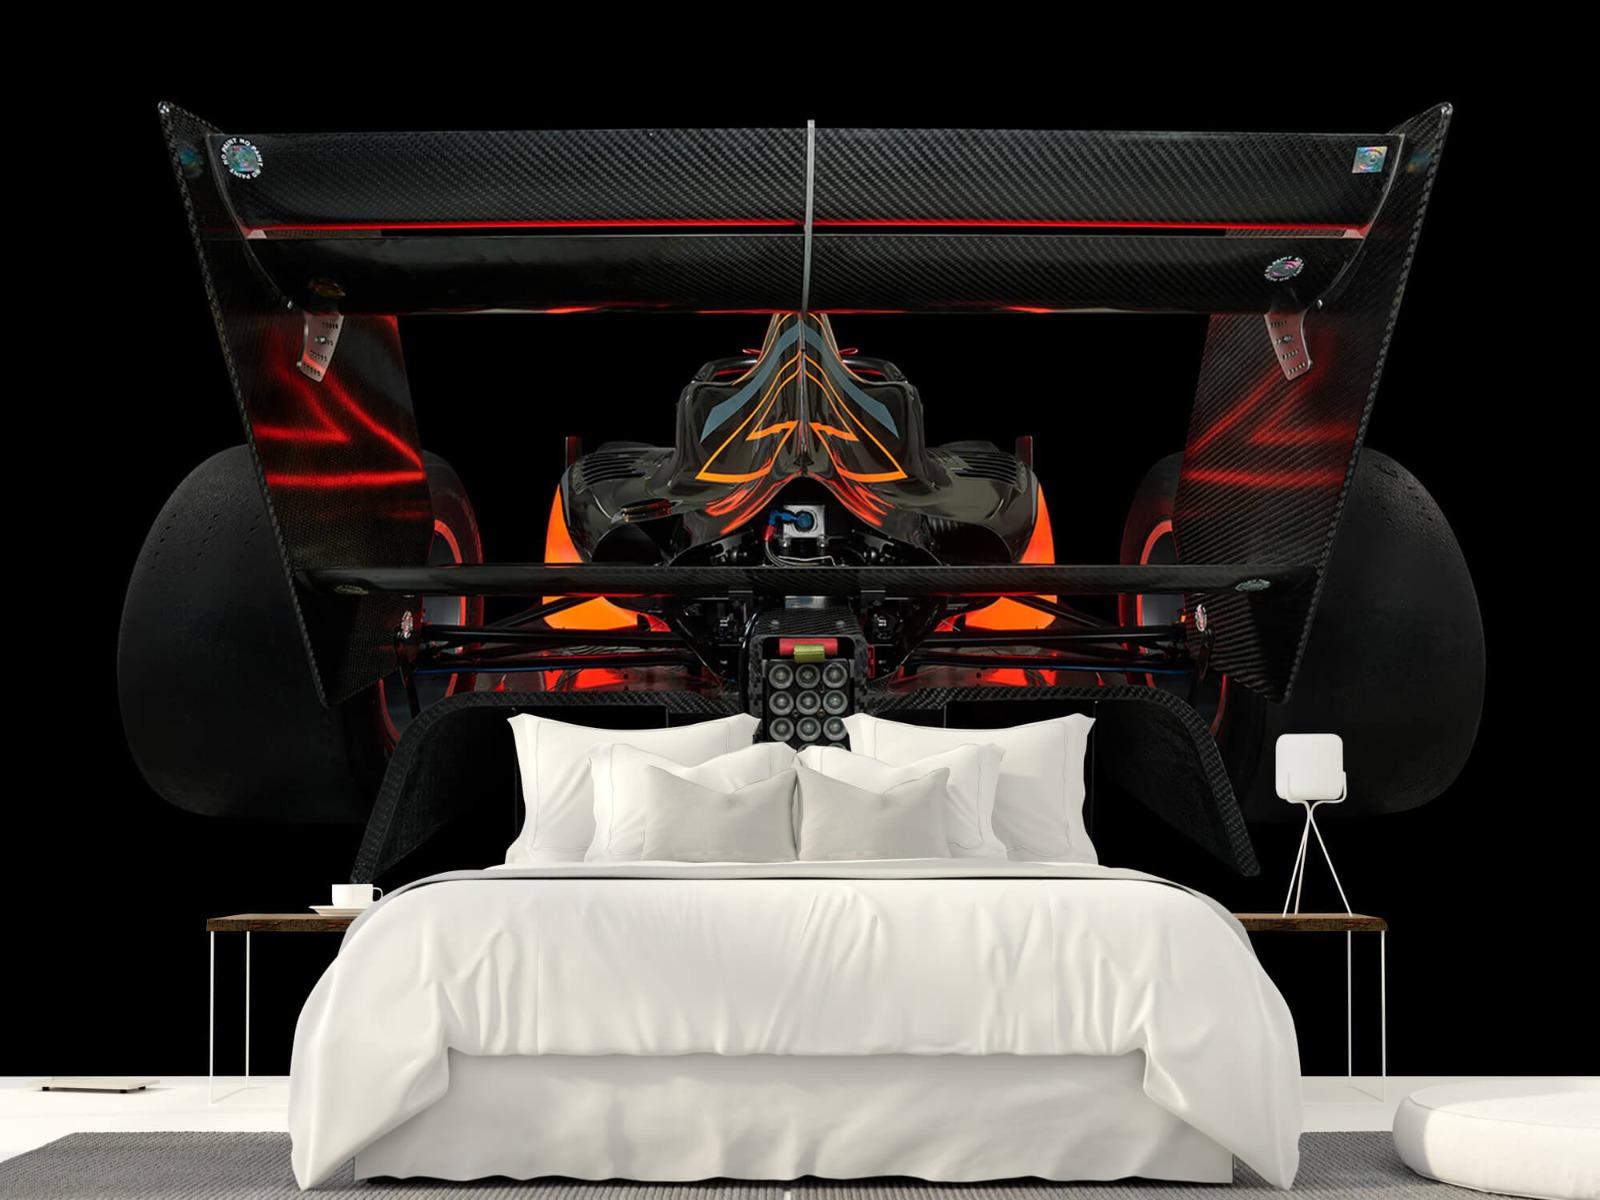 Sportauto's - Formule 3 - Lower rear view - dark - Garage 23